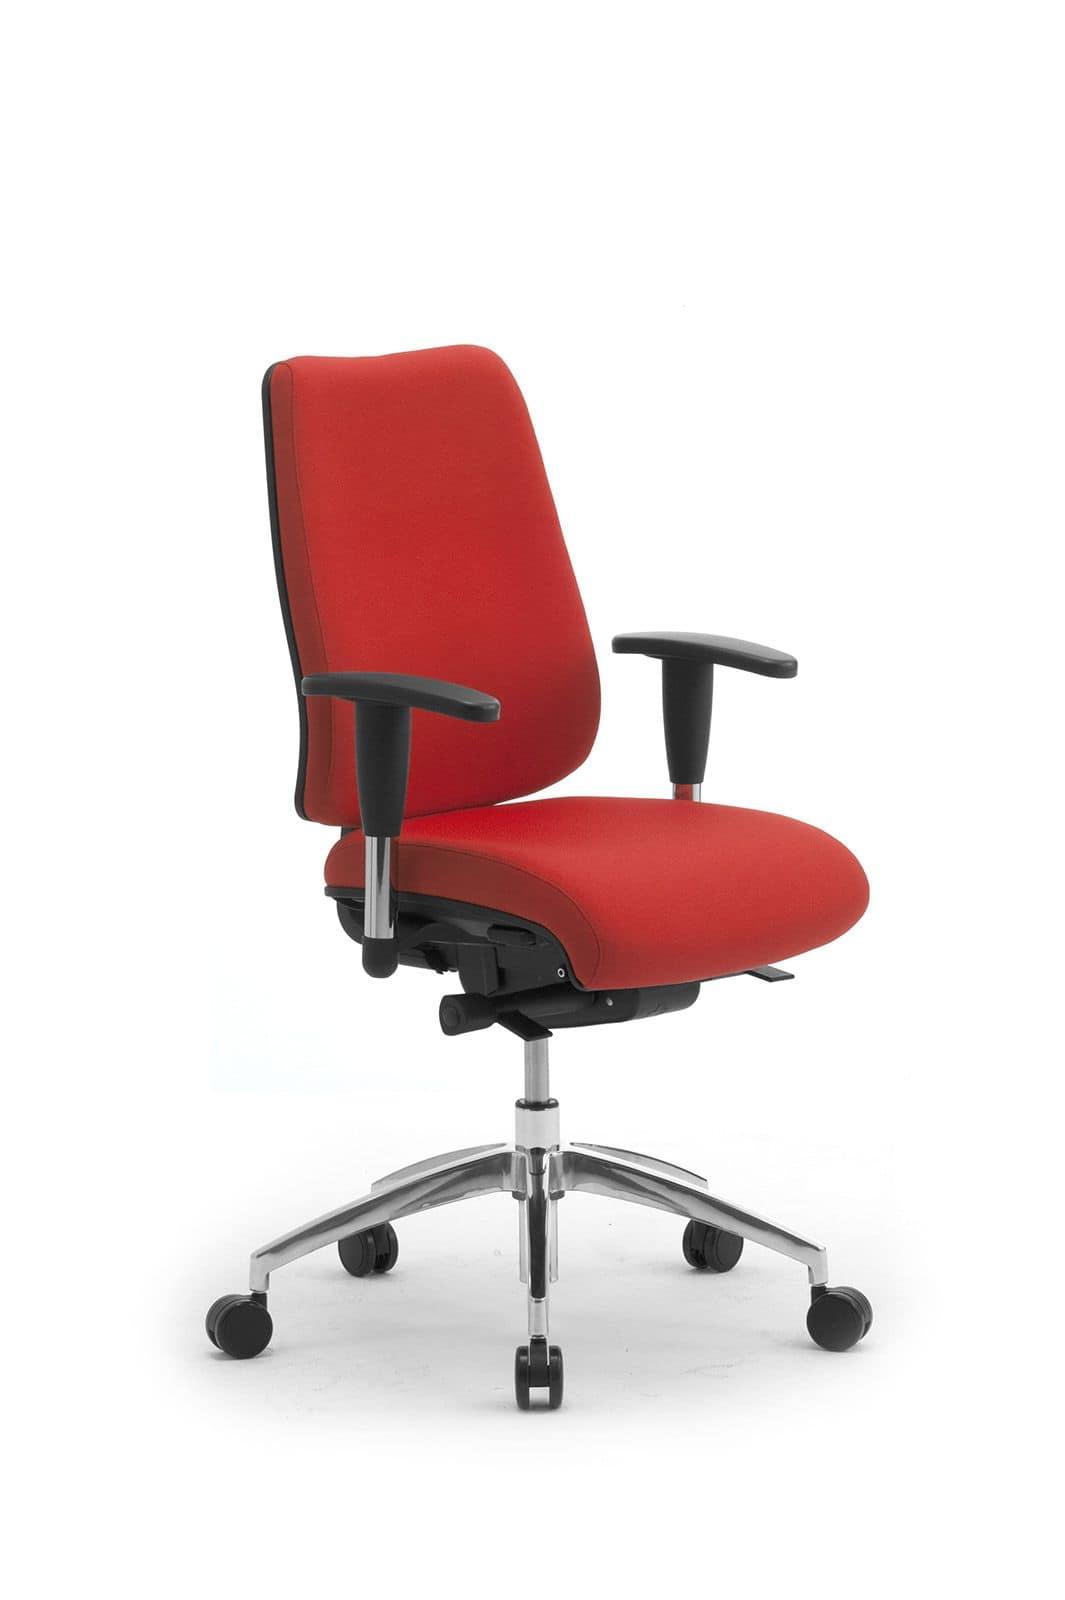 Sedia operativa da ufficio seduta e schienale imbottiti for Sedia da ufficio amazon